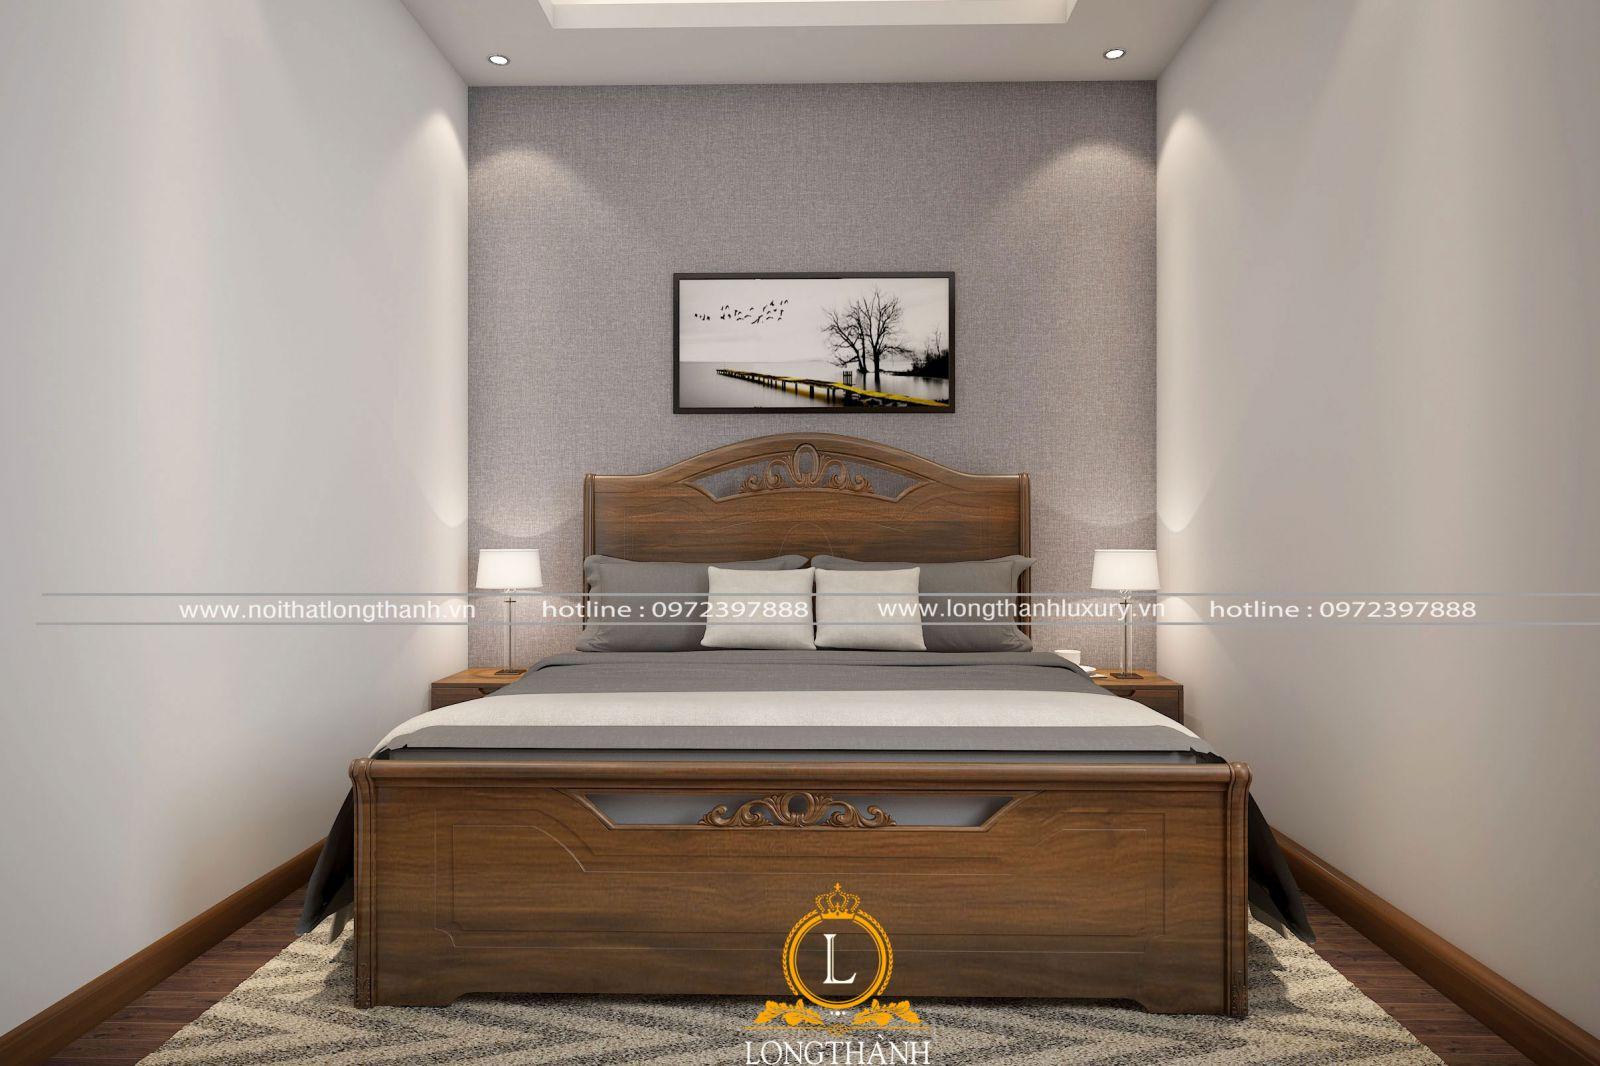 Thiết kế đơn giản phù hợp với phòng ngủ có diên tích nhỏ